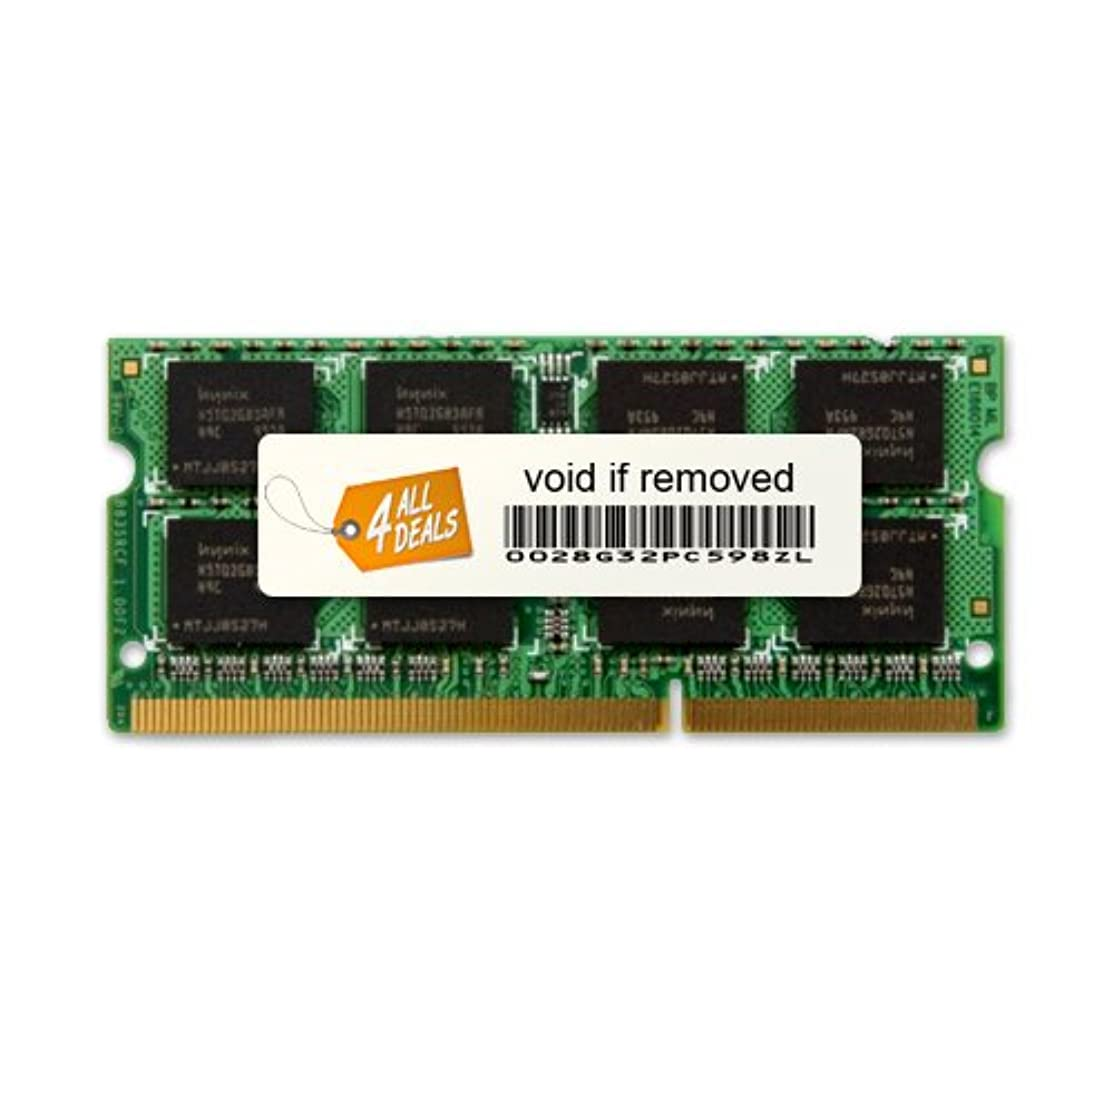 8GB DDR3-1600 (PC3-12800) Memory RAM Upgrade for the Dell Latitude E7250